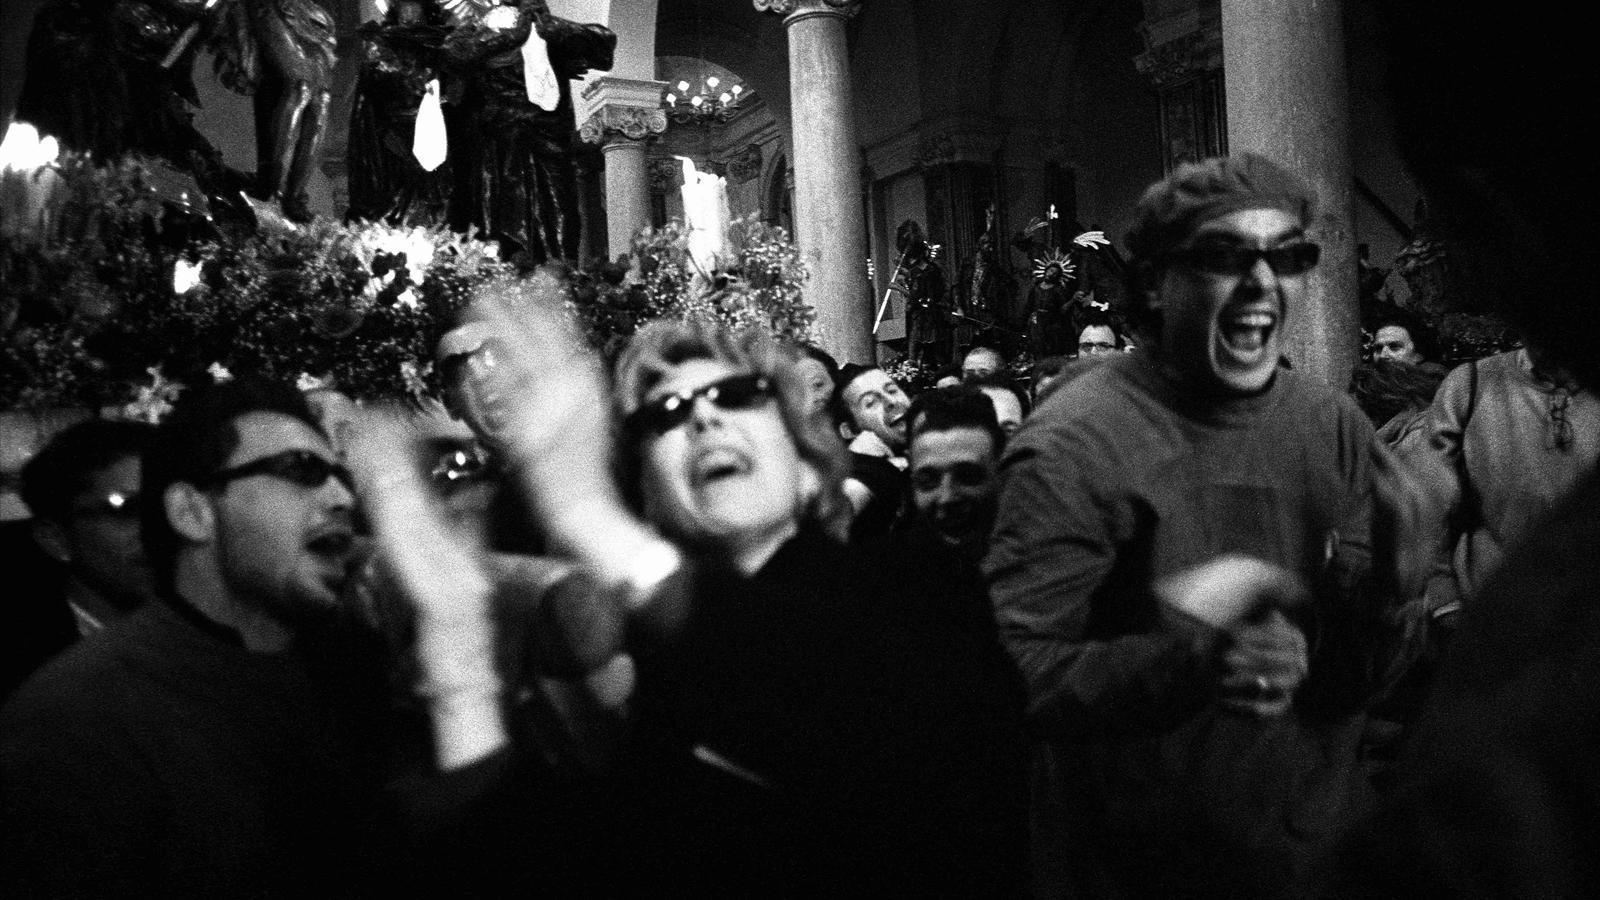 ACONSEGUIT A l'església de Le Anime del Purgatorio de Trapani, l'excitació dels confrares esclata amb una alegria espectacular després de concloure una processó de 24 hores seguides: surt el Divendres Sant al migdia i s'acaba l'endemà (Trapani, 30 de març del 2002).